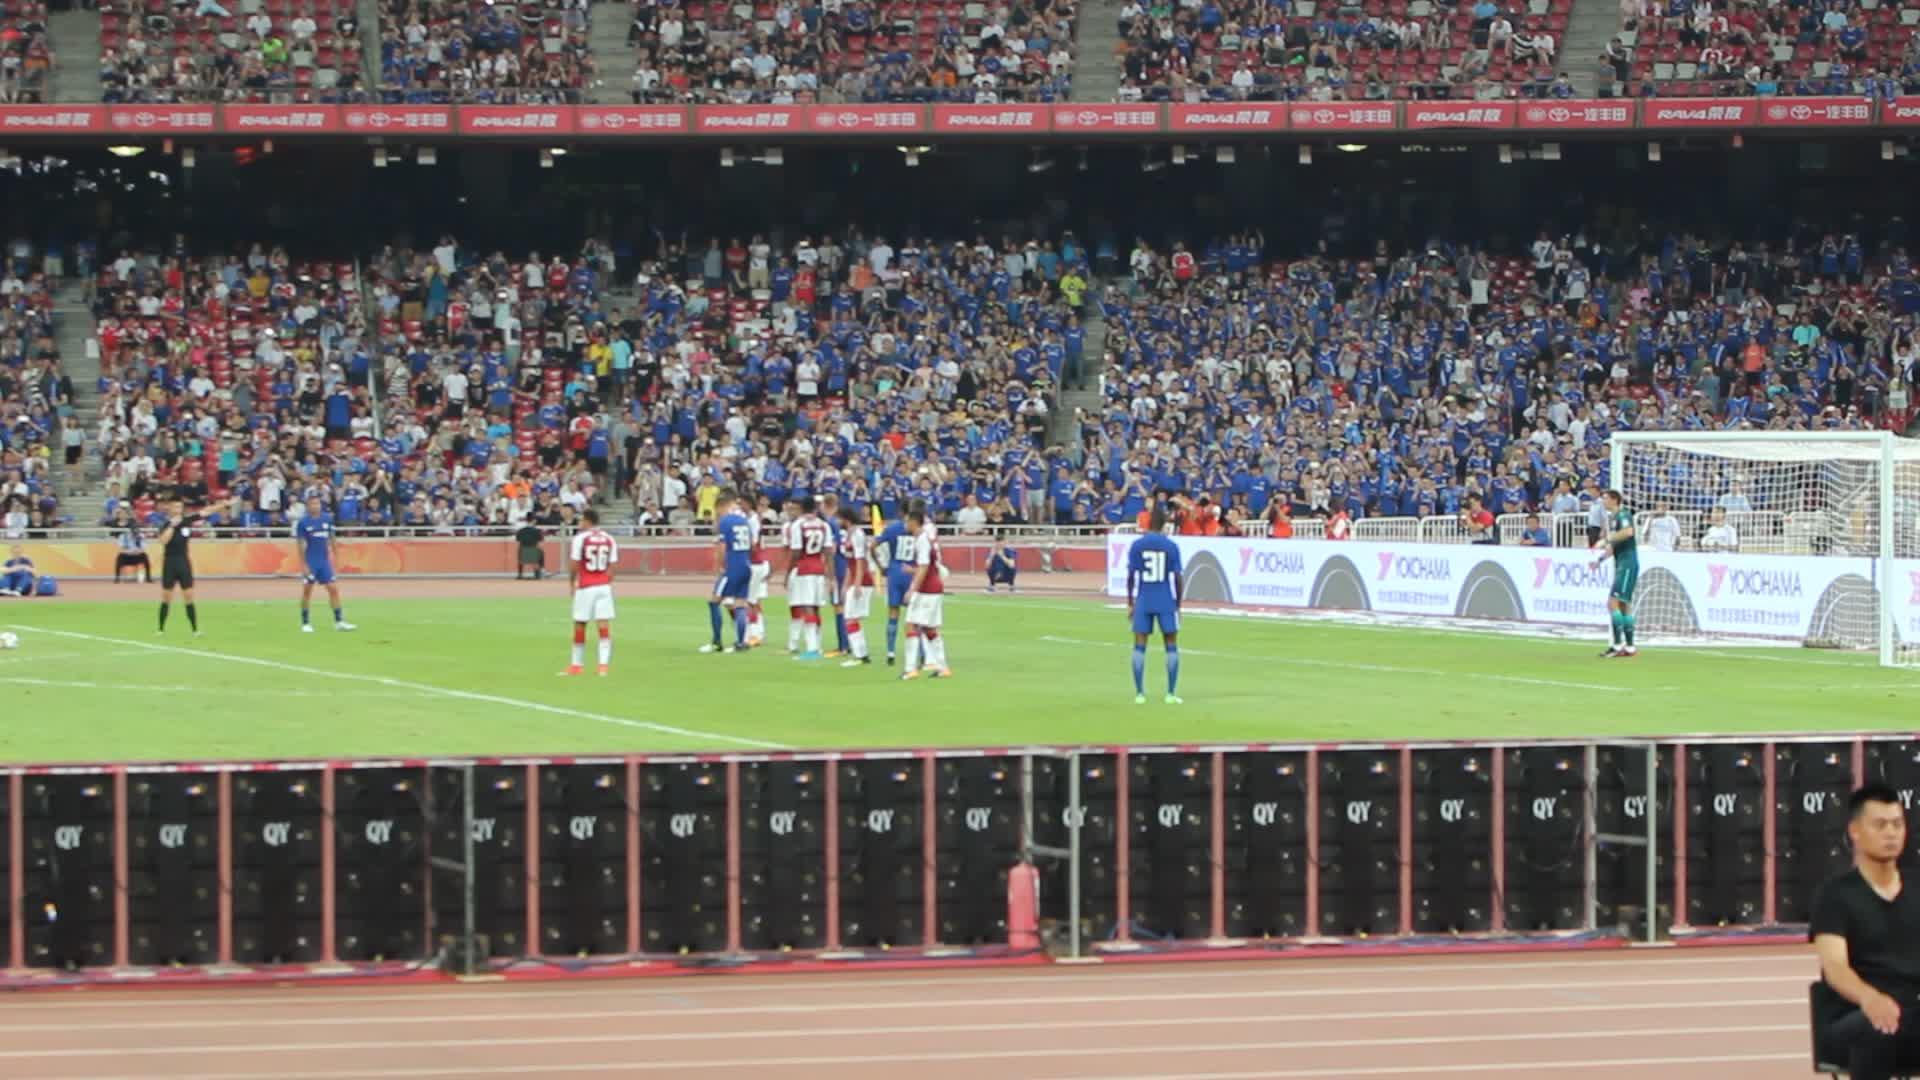 切尔西vs阿森纳鸟巢 结束前最后一个任意球图片